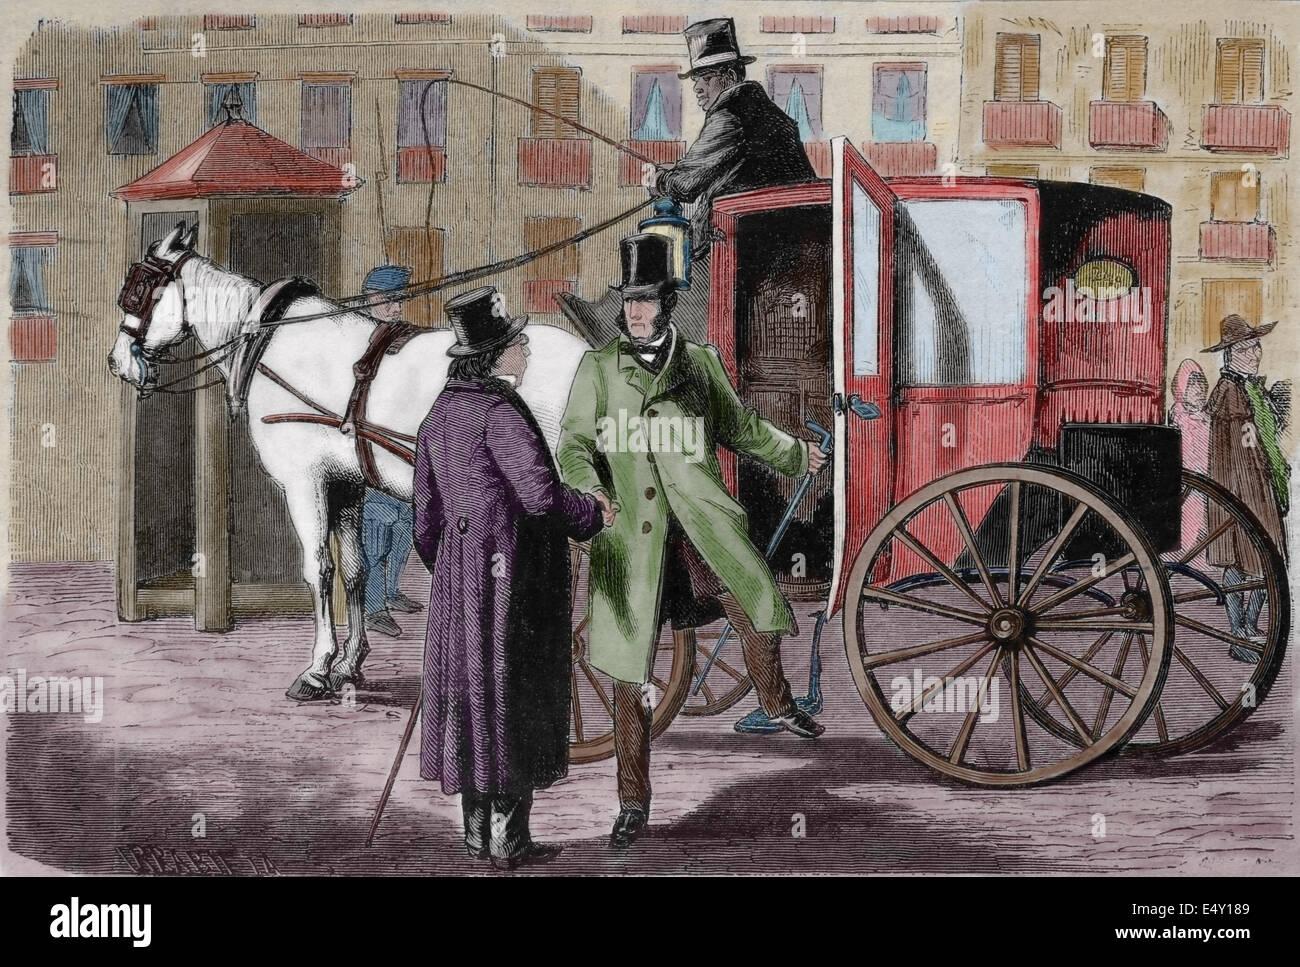 Transporte de la historia. Diligencia. Grabado creado por Irrabieta, siglo XIX. Imagen De Stock